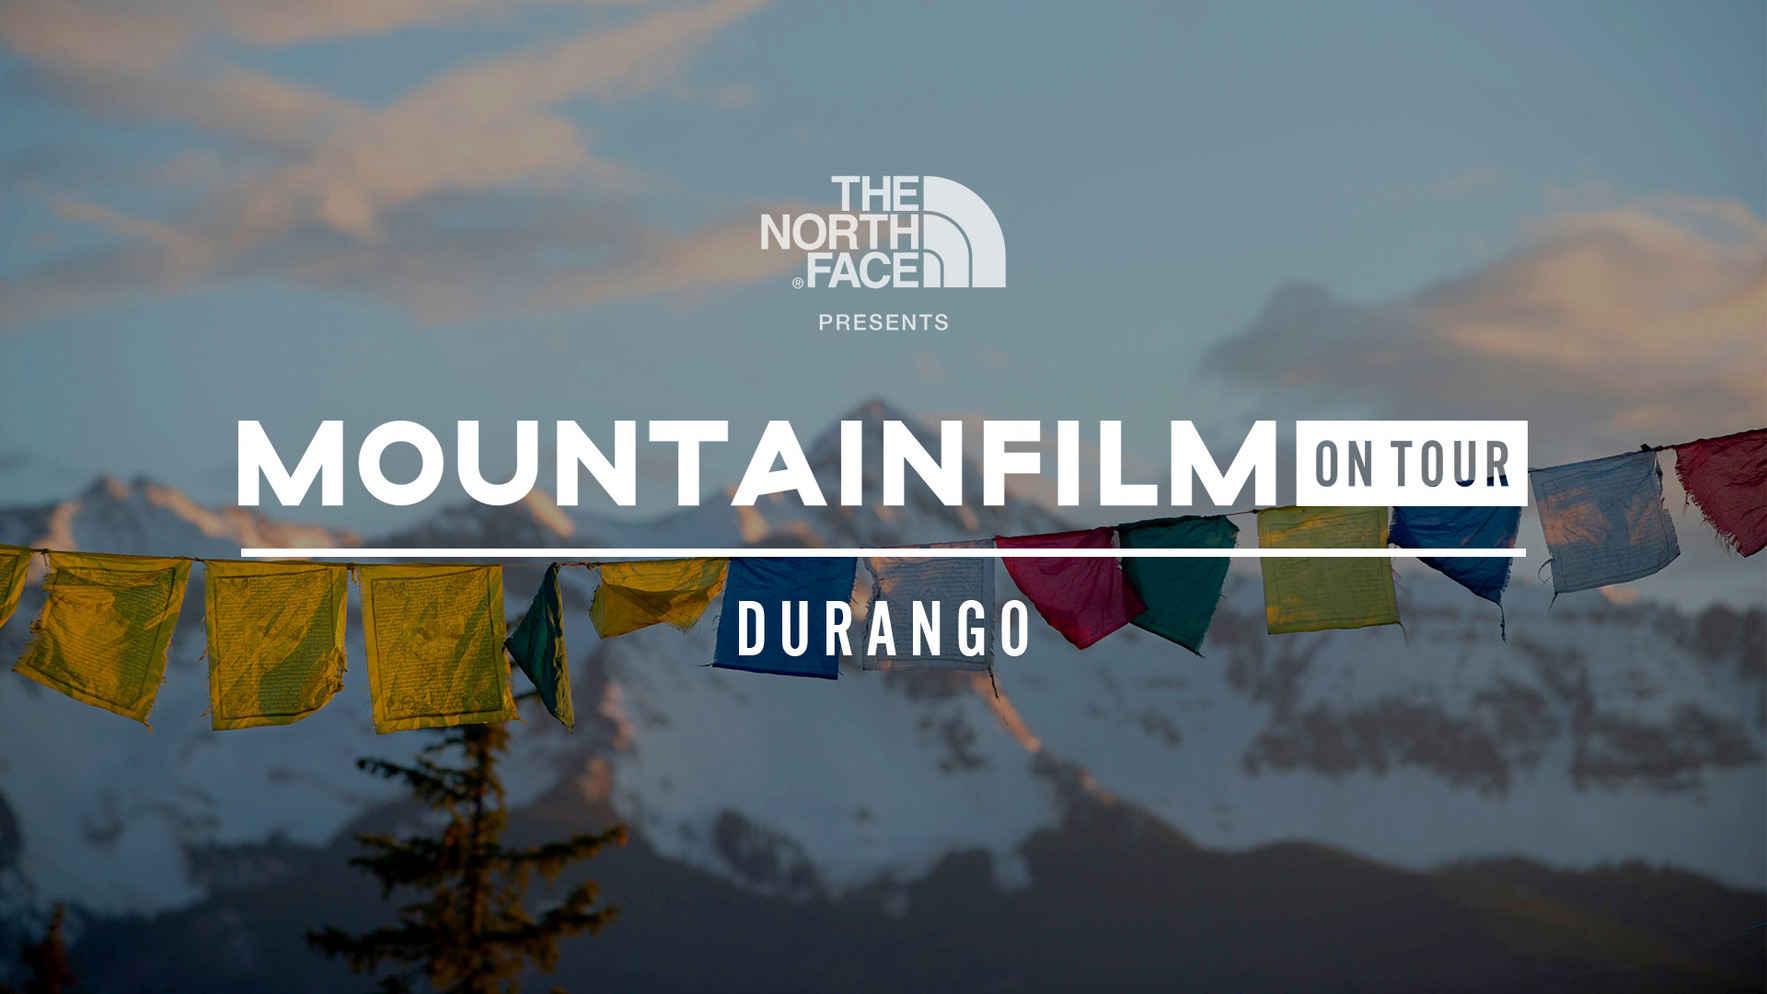 Mountainfilm on Tour 2019 image